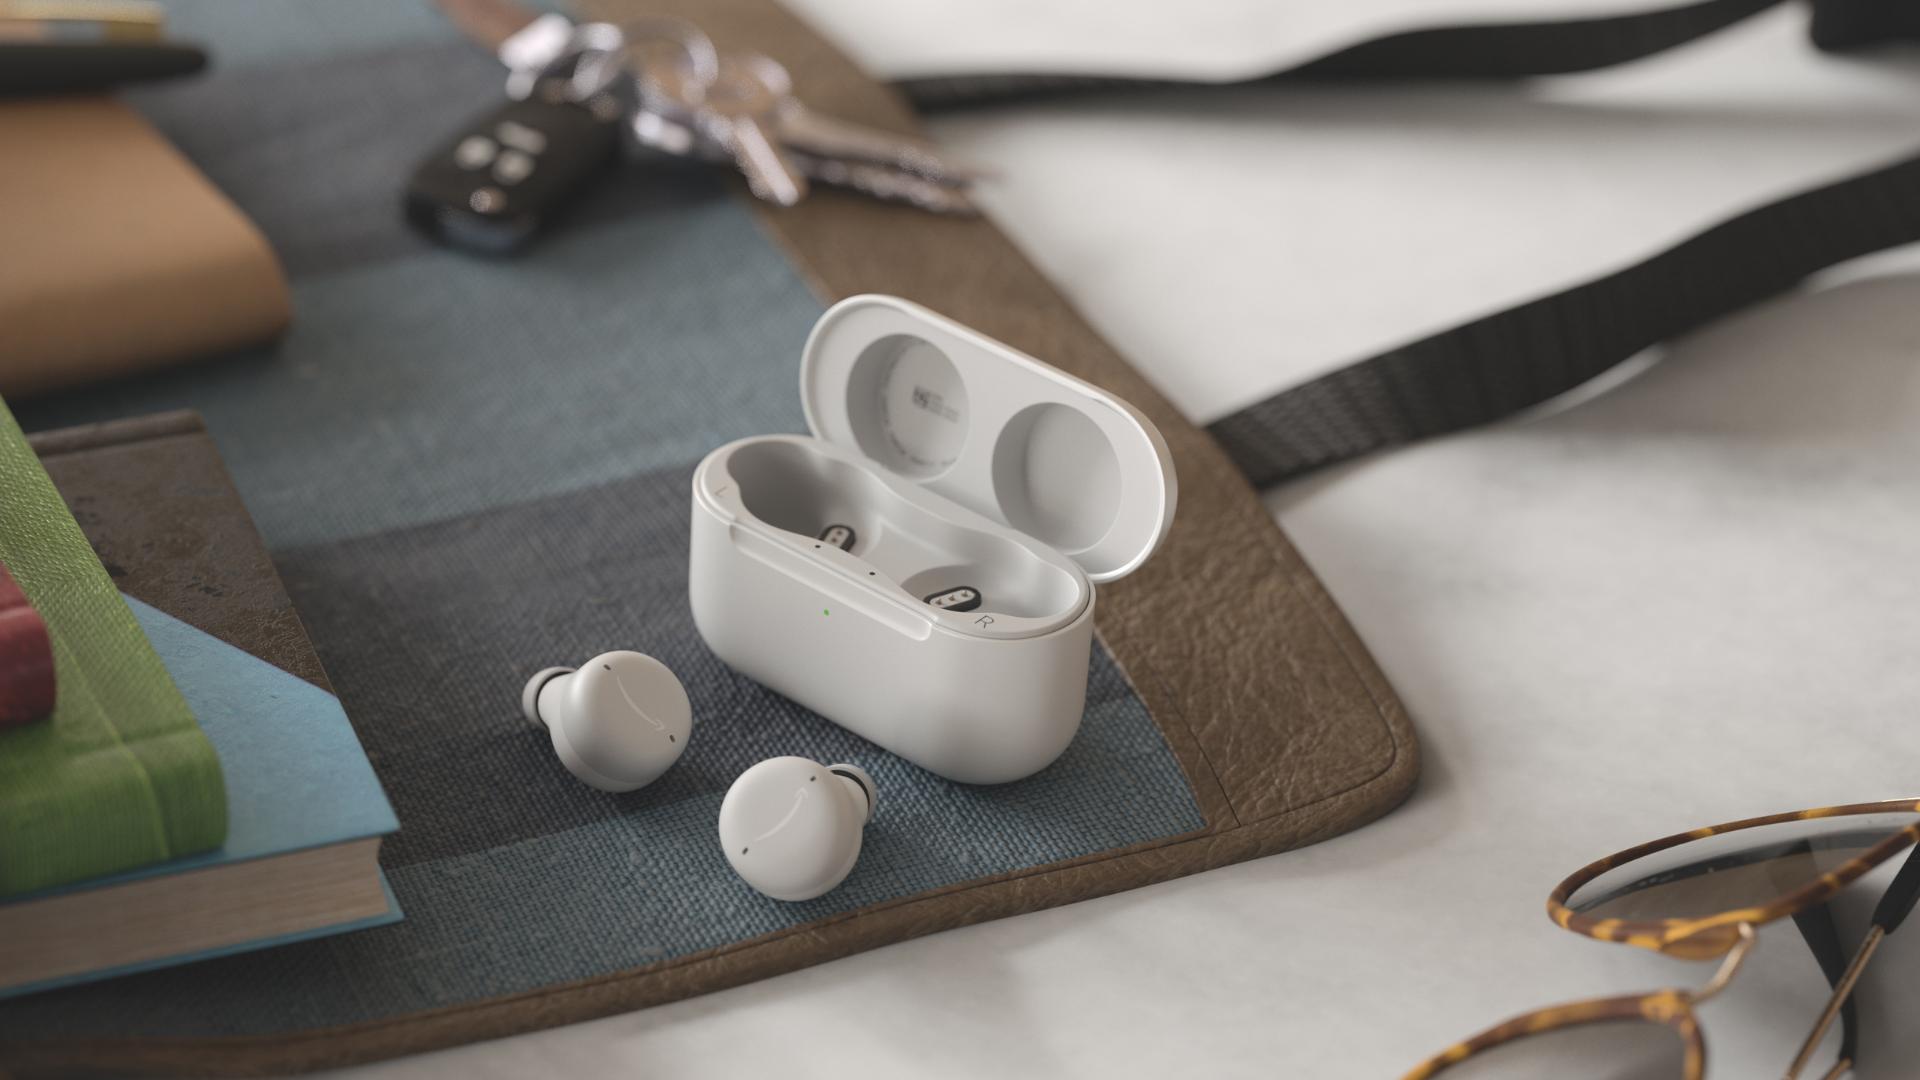 Amazon Echo Buds com Alexa e recarga sem fio passa na Anatel   Gadgets